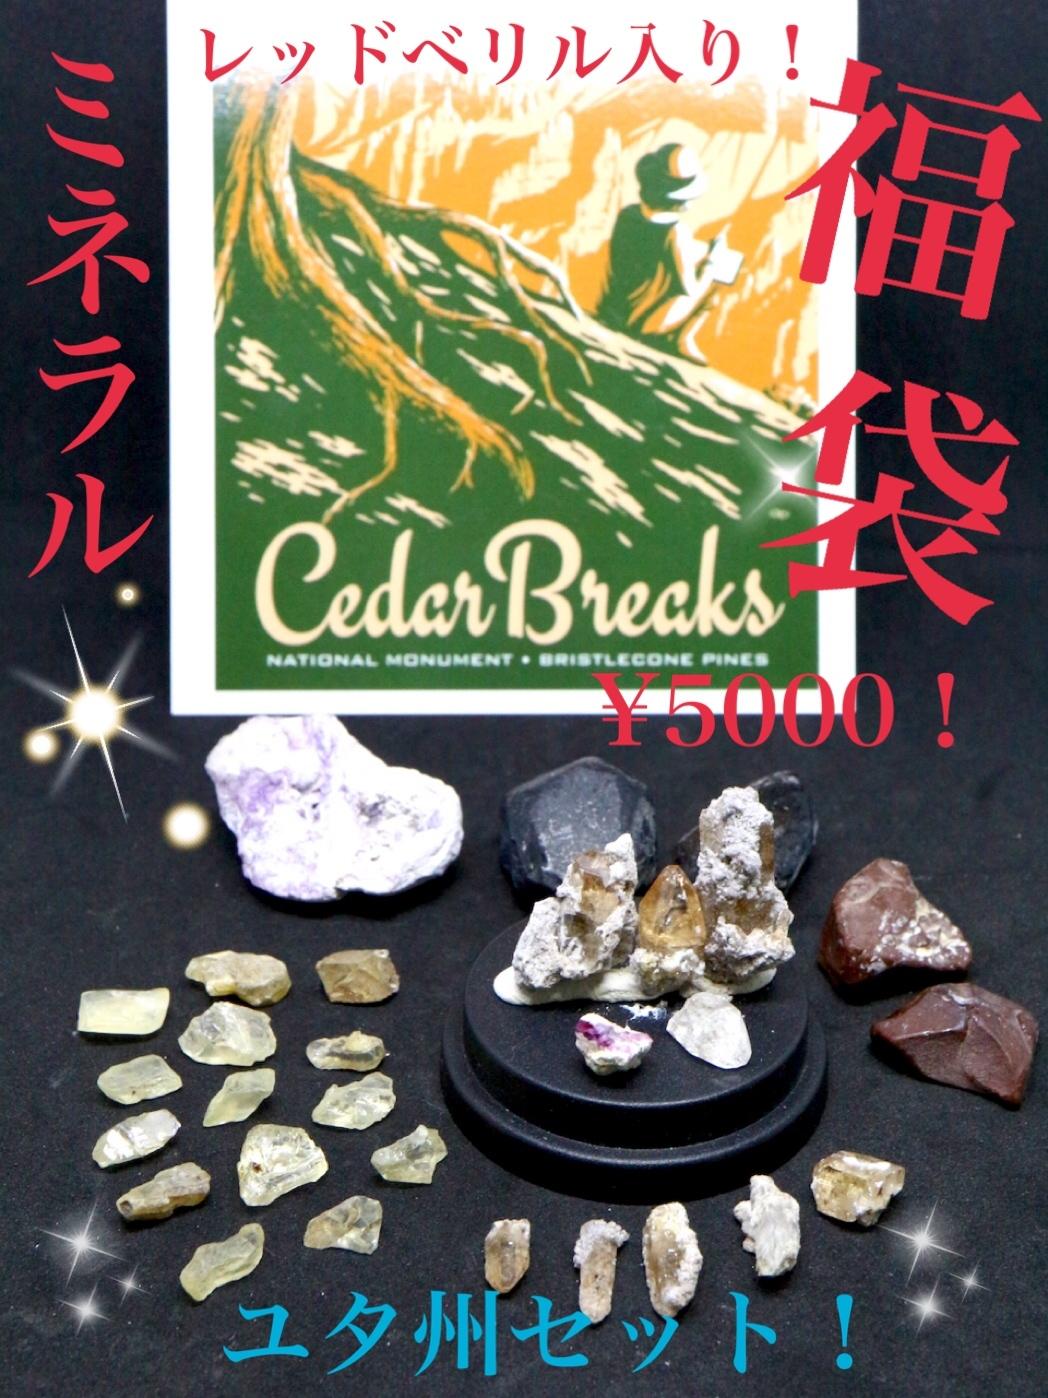 ¥5000福袋!【ユタ州セット】② FUKU002